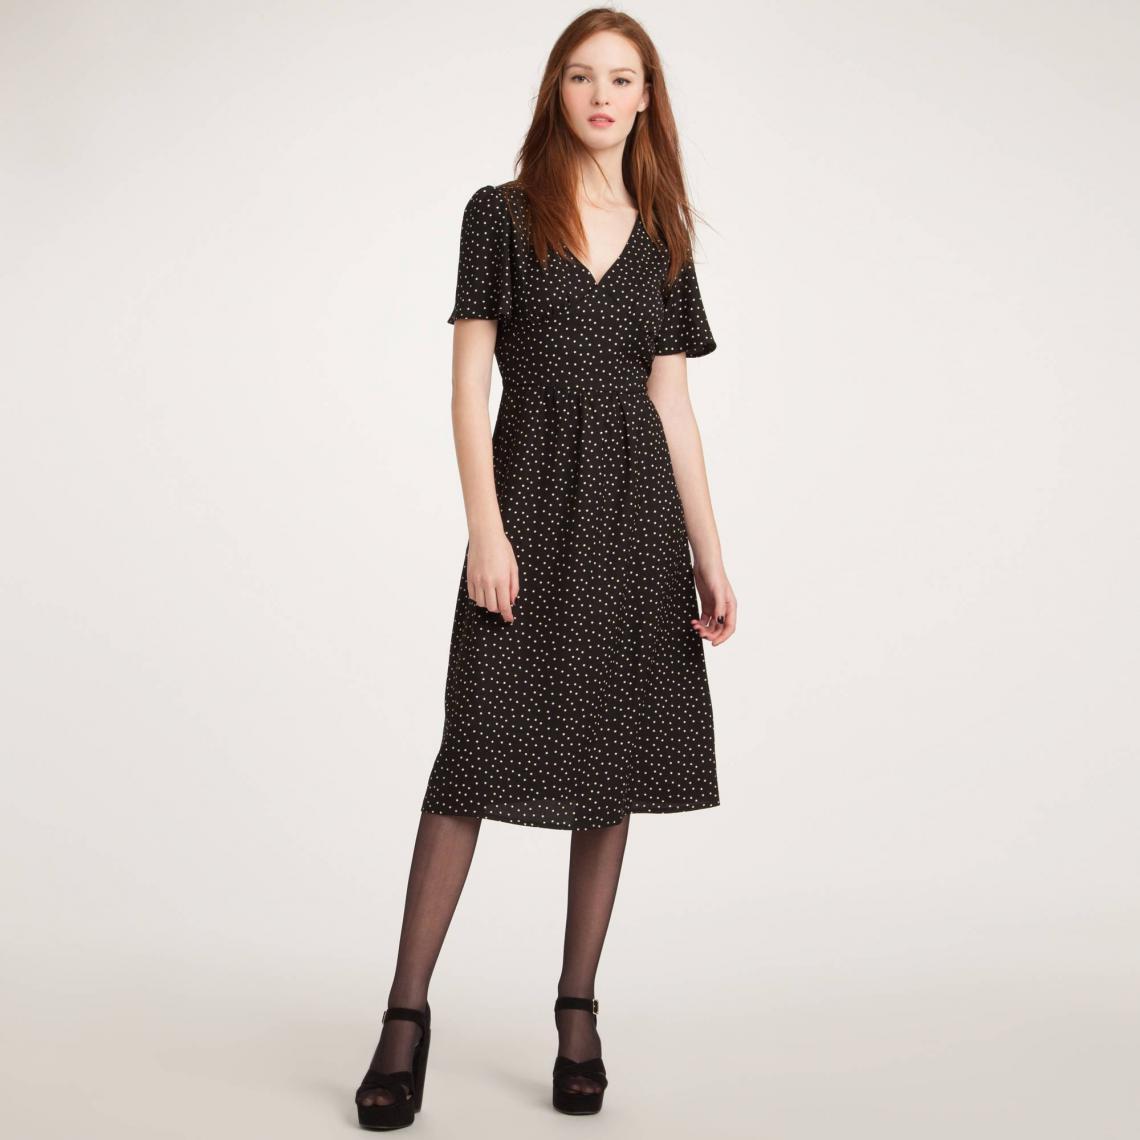 Robe fluide encolure V manches courtes femme 3 SUISSES Collection Noir 11 Avis Plus de détails